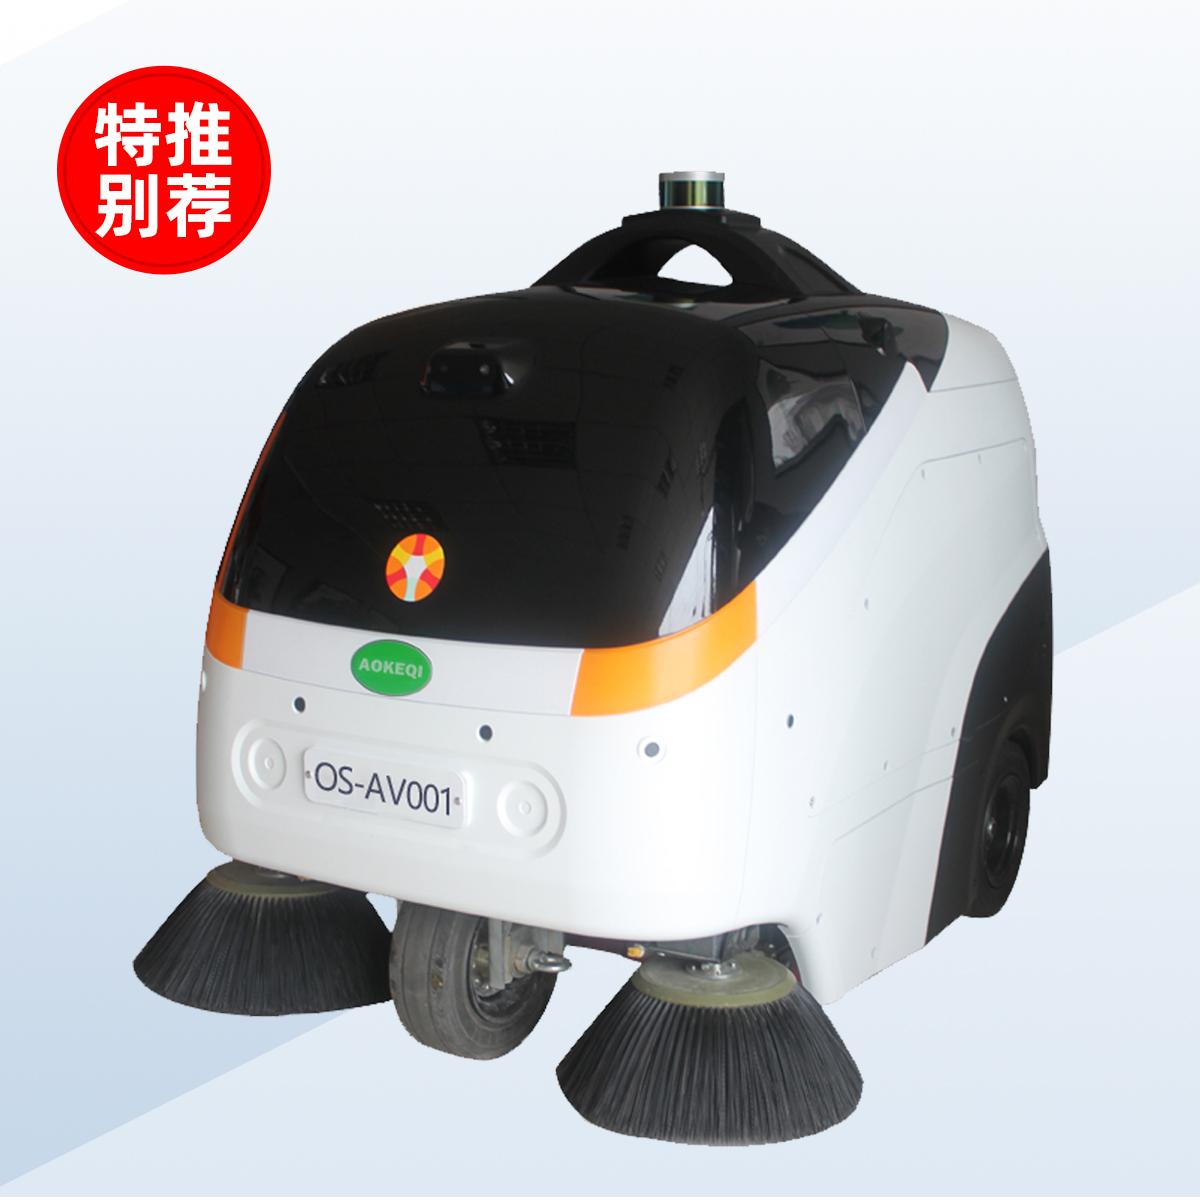 OS-AV001蜗小白无人扫地机